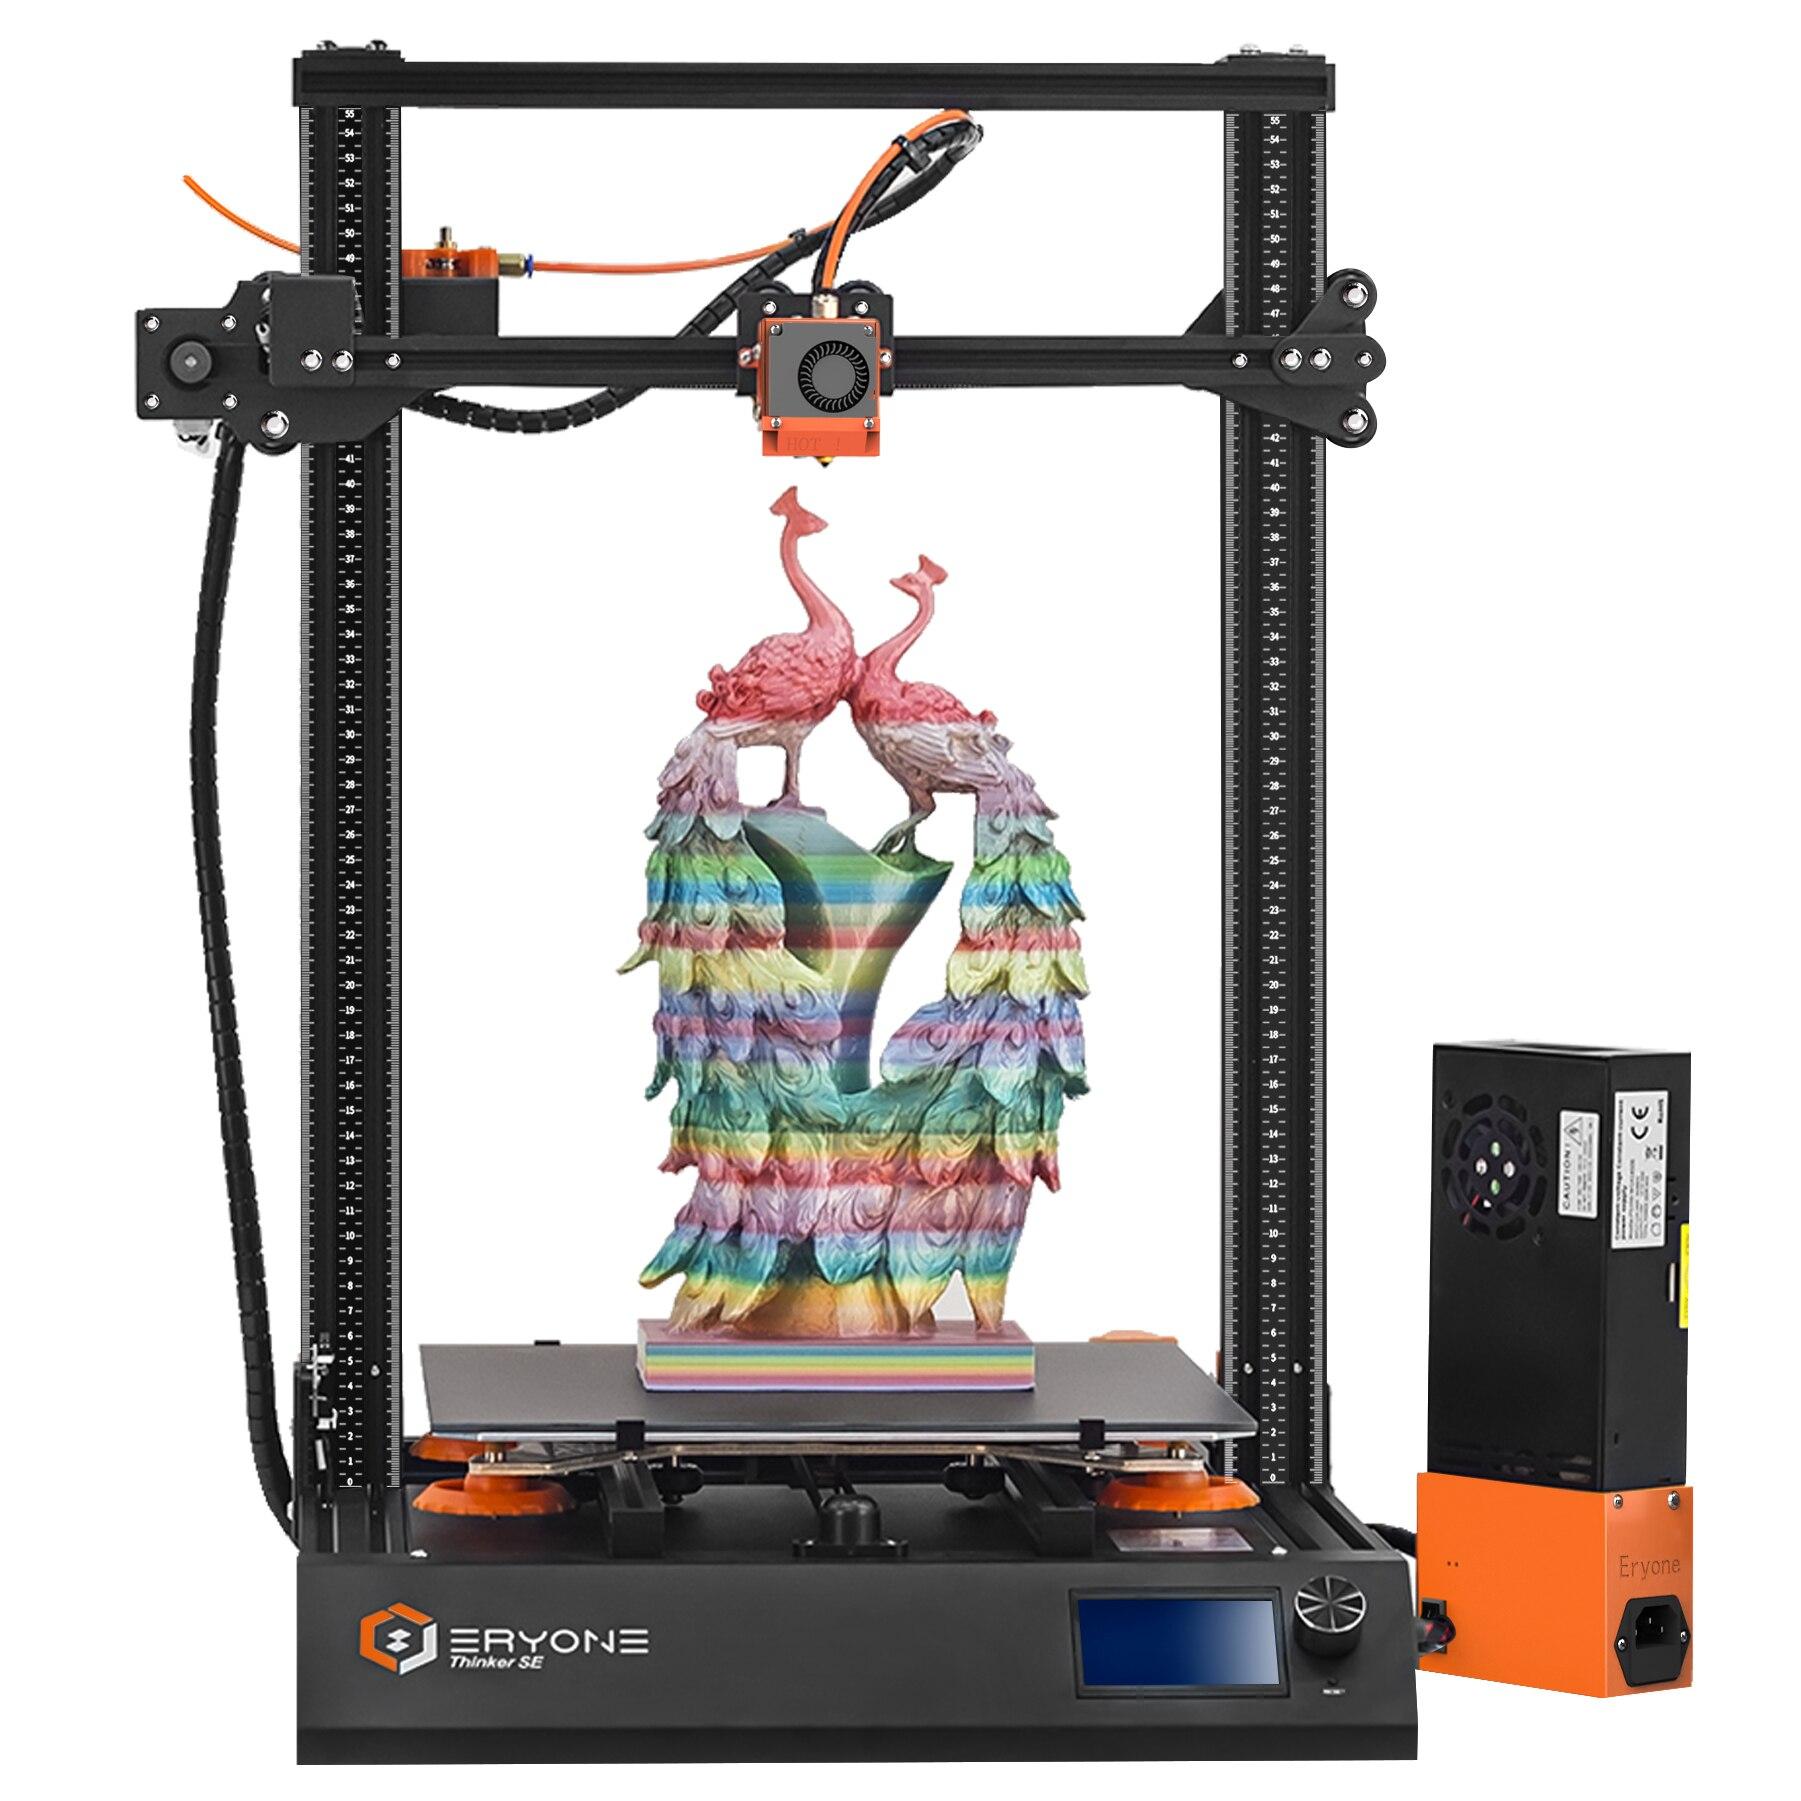 Супертихий 3D-принтер для Thinker SE, стеклянная кровать размером 300*300*400 мм, совместим с датчиком автовыравнивания, бесплатная доставка